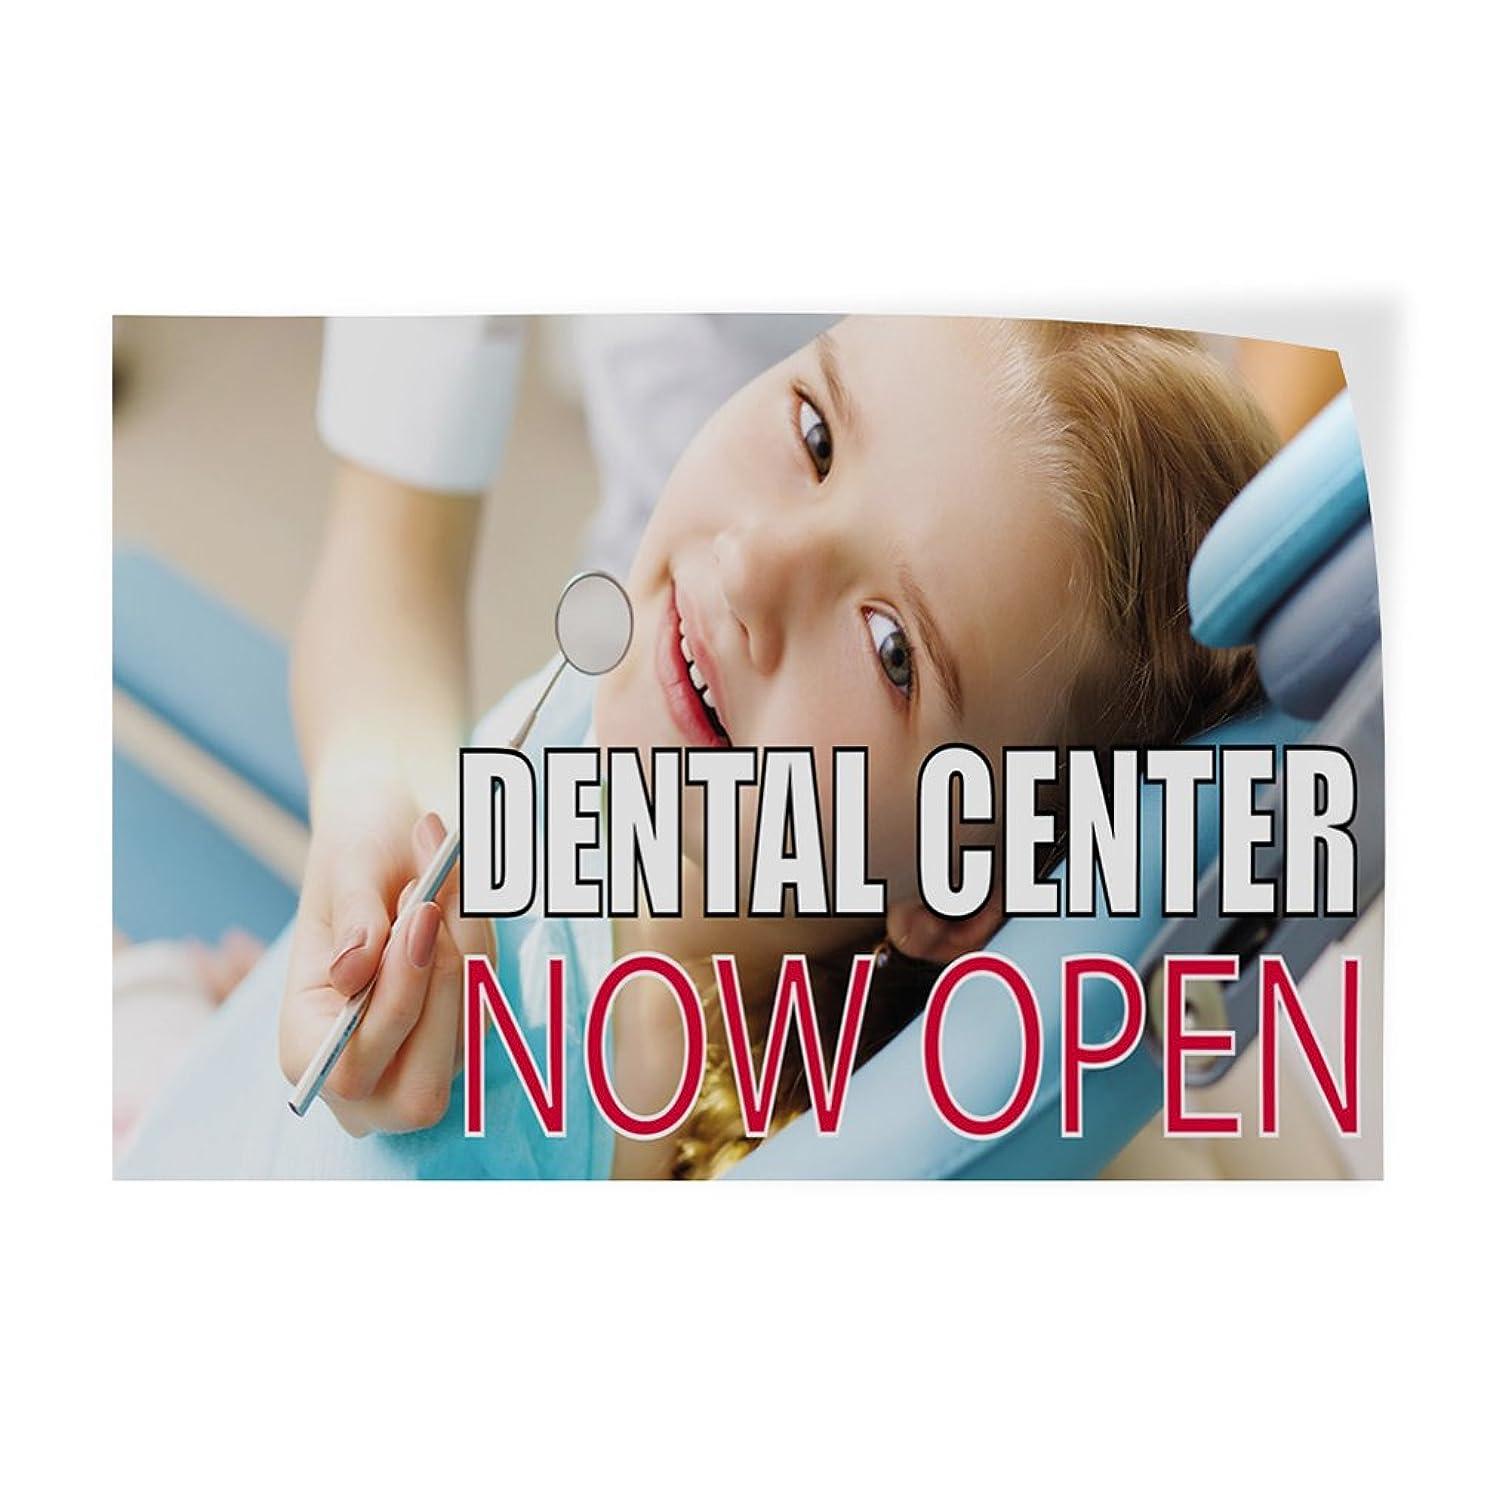 Dental Center Now Open Indoor Store Sign Vinyl Decal Sticker - 9.25inx24in,